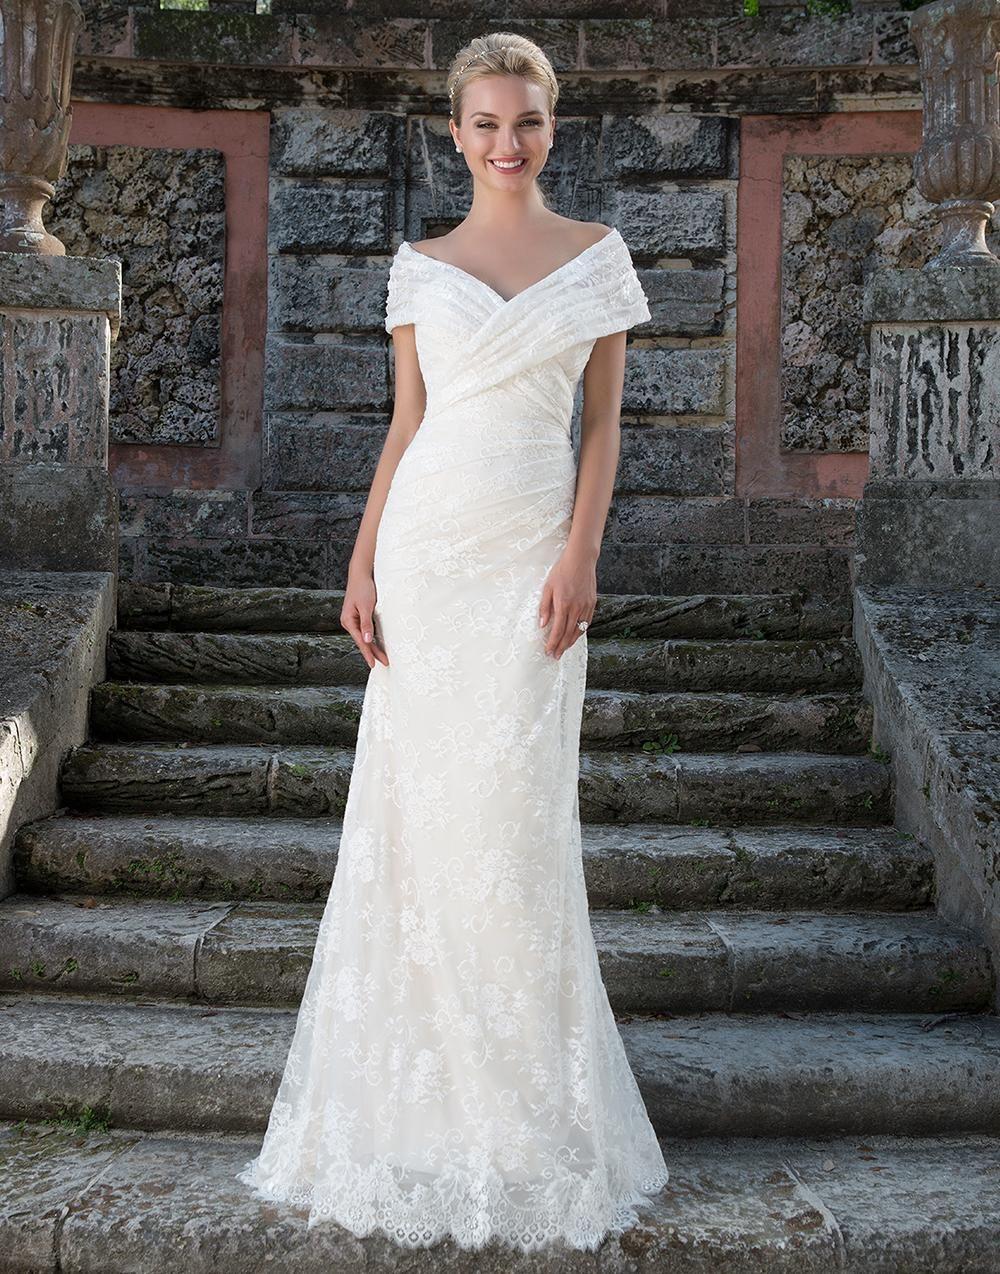 Bridal Collections Spokane Wa Sincerity 3908 Sweetheart